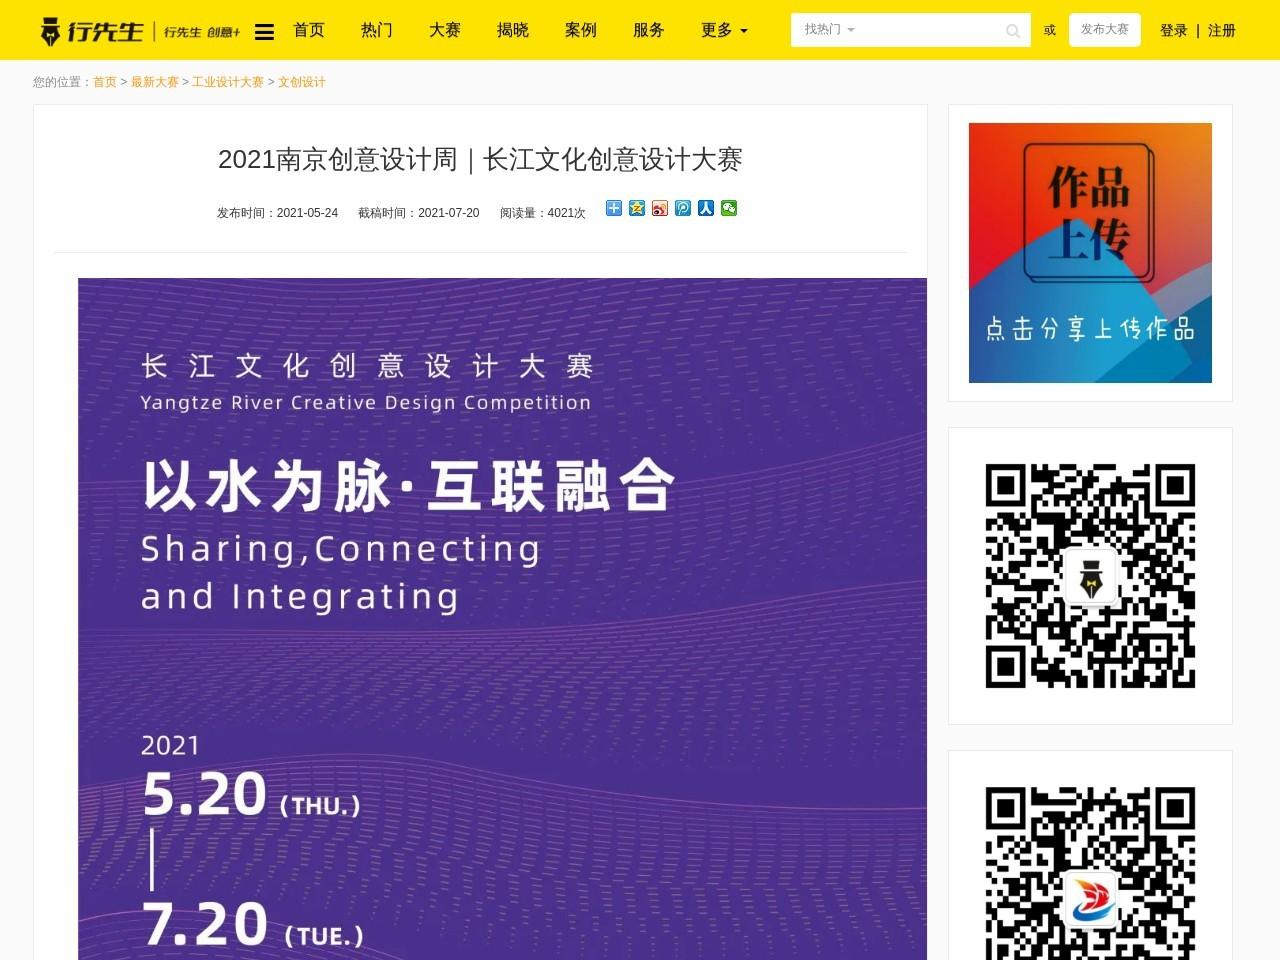 2021南京创意设计周 长江文化创意设计大赛